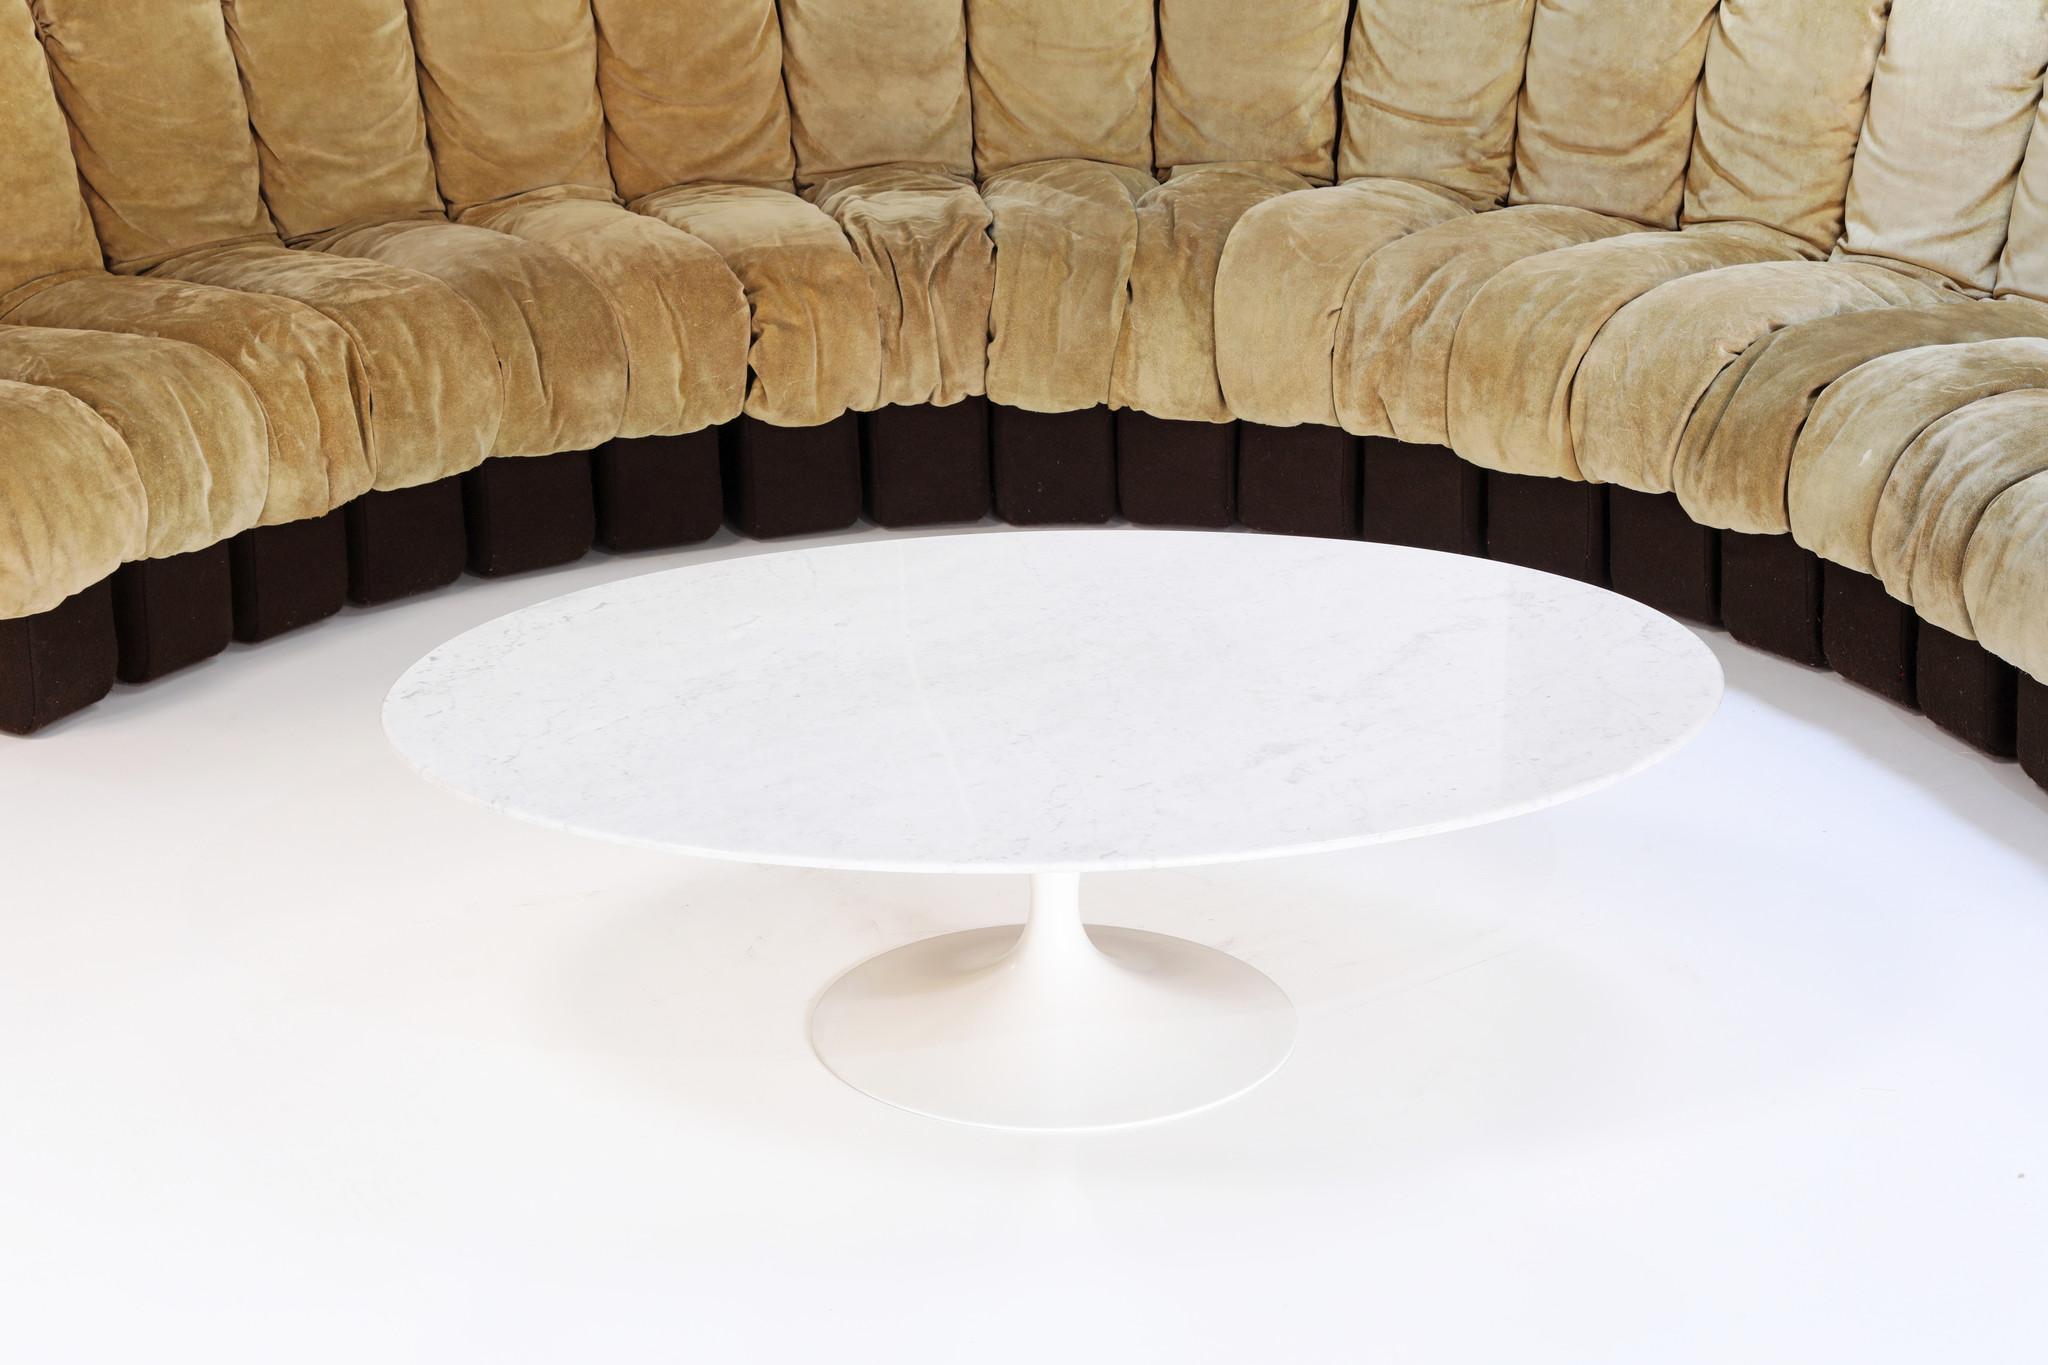 Originele ovalen marmeren salontafel voor Knoll geproduceerd door DeCoene Kortrijk